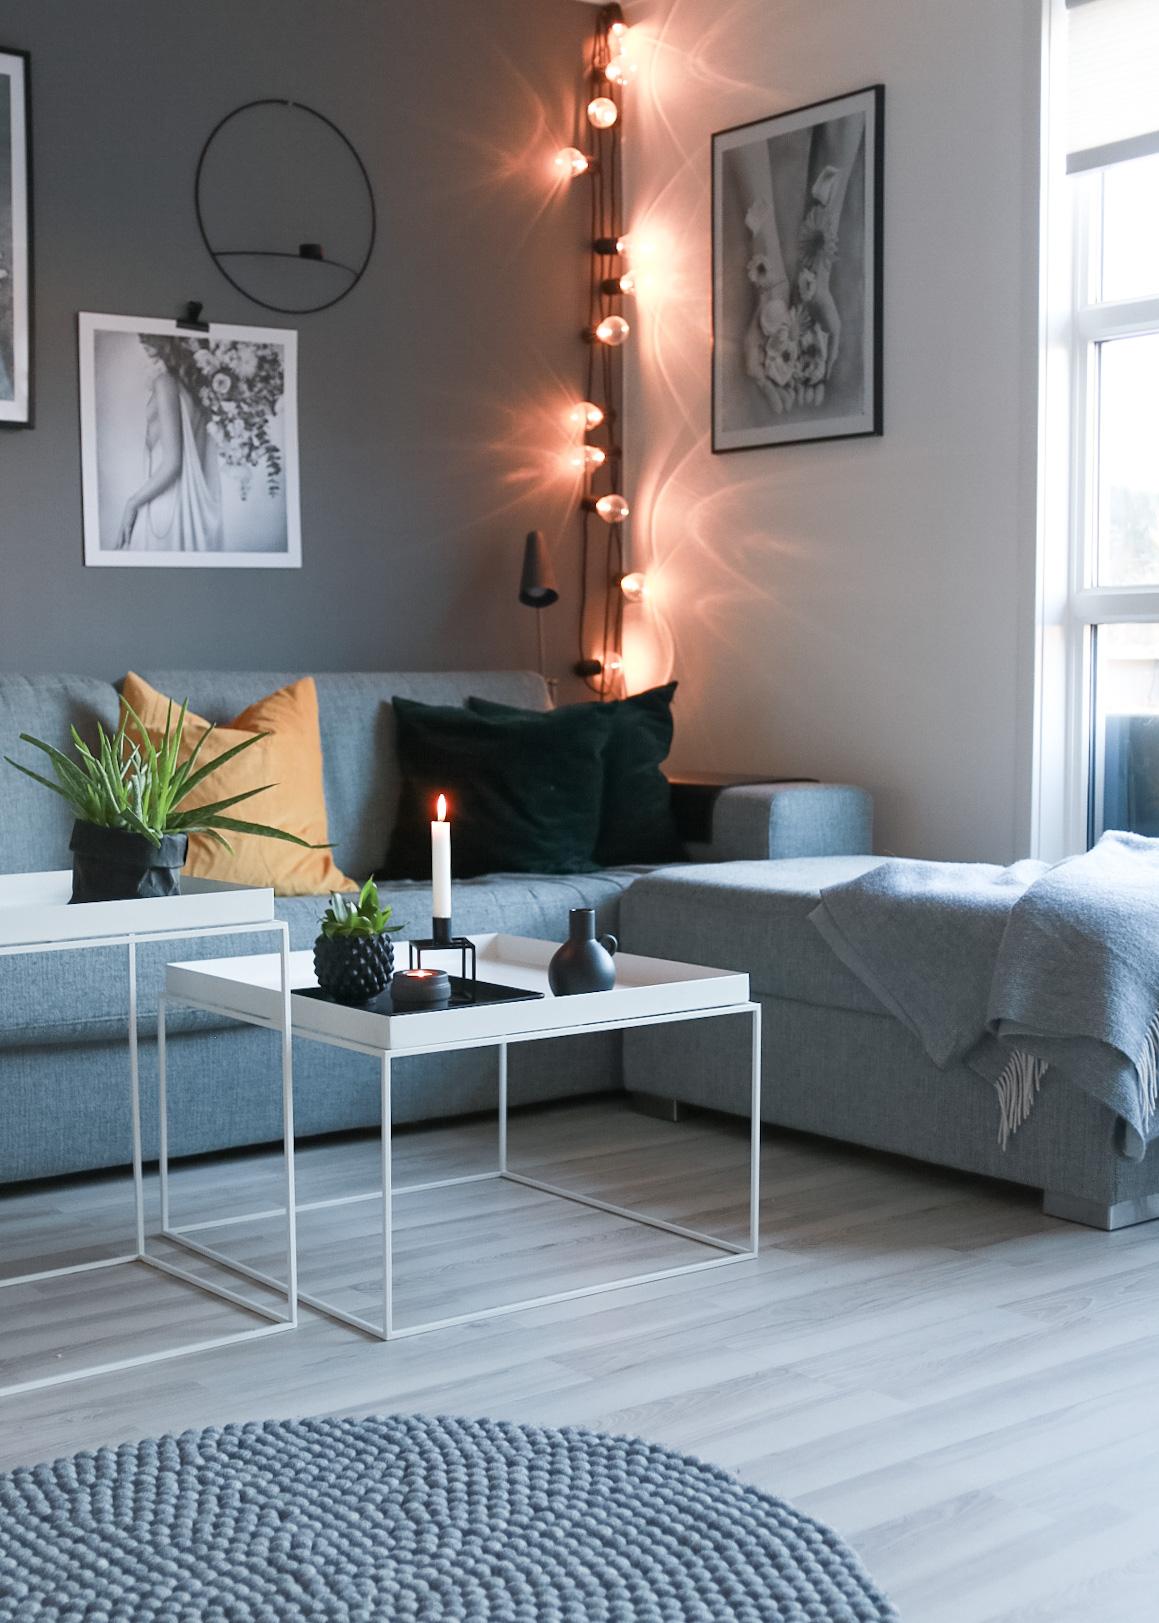 En gul detalj i sofaen - HVITELINJER  BLOGG -